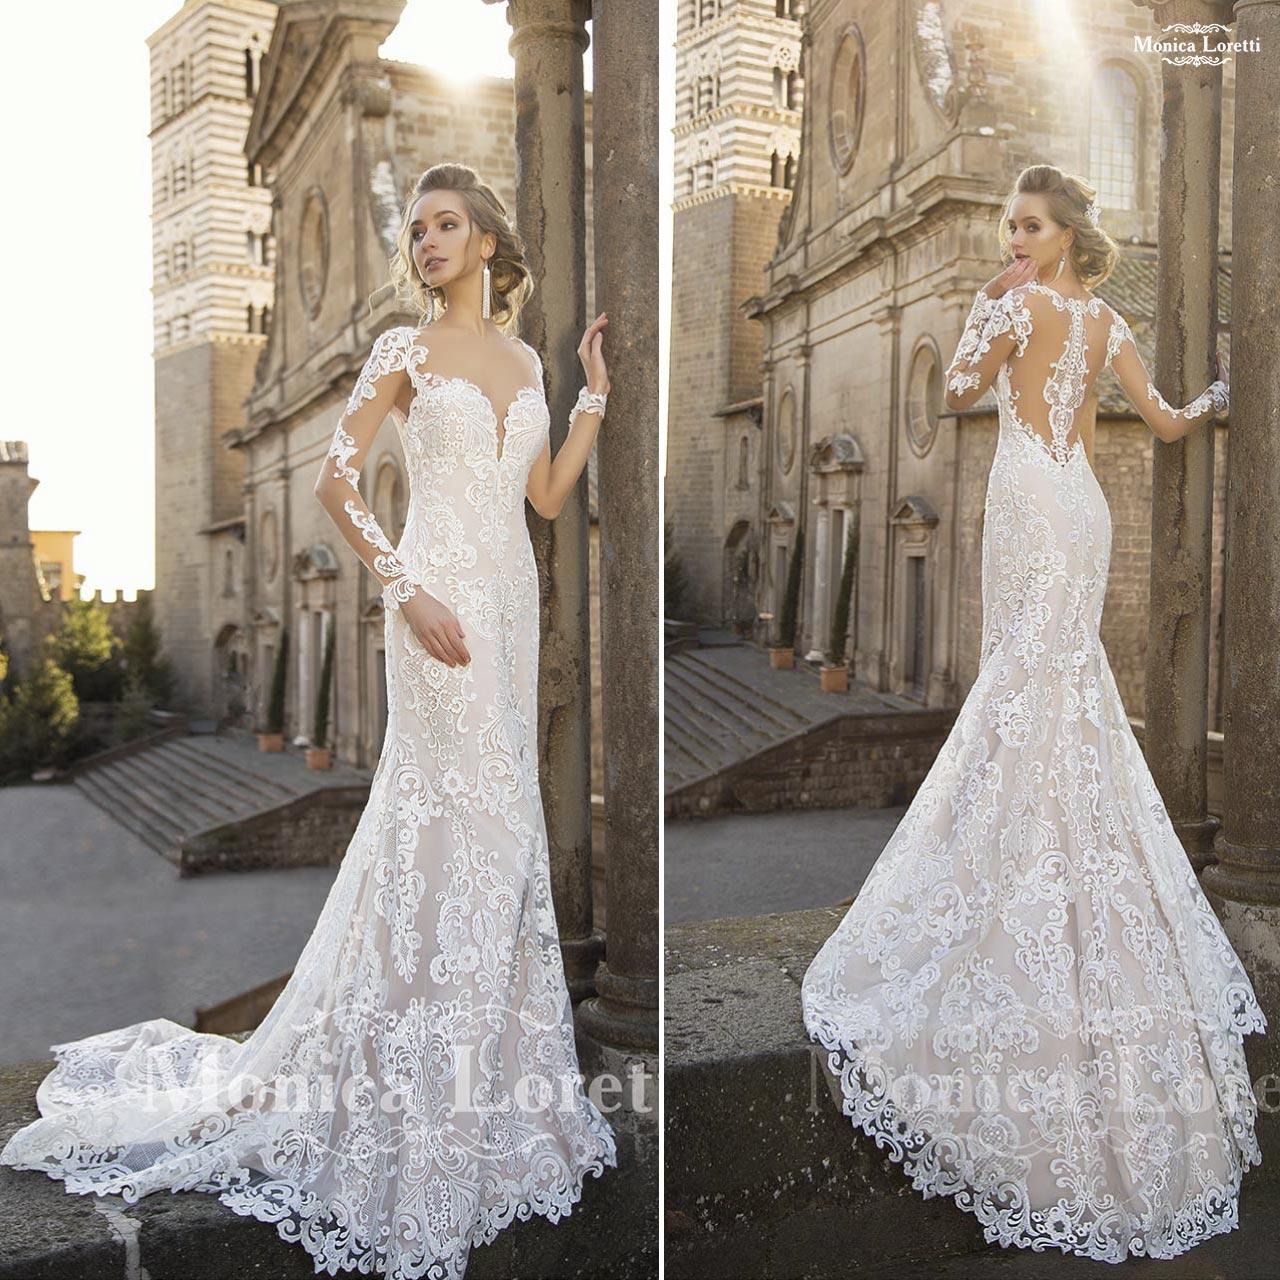 ... Abito da sposa in pizzo bianco articolo Naila Monica Loretti ... 9b91c51a3e8